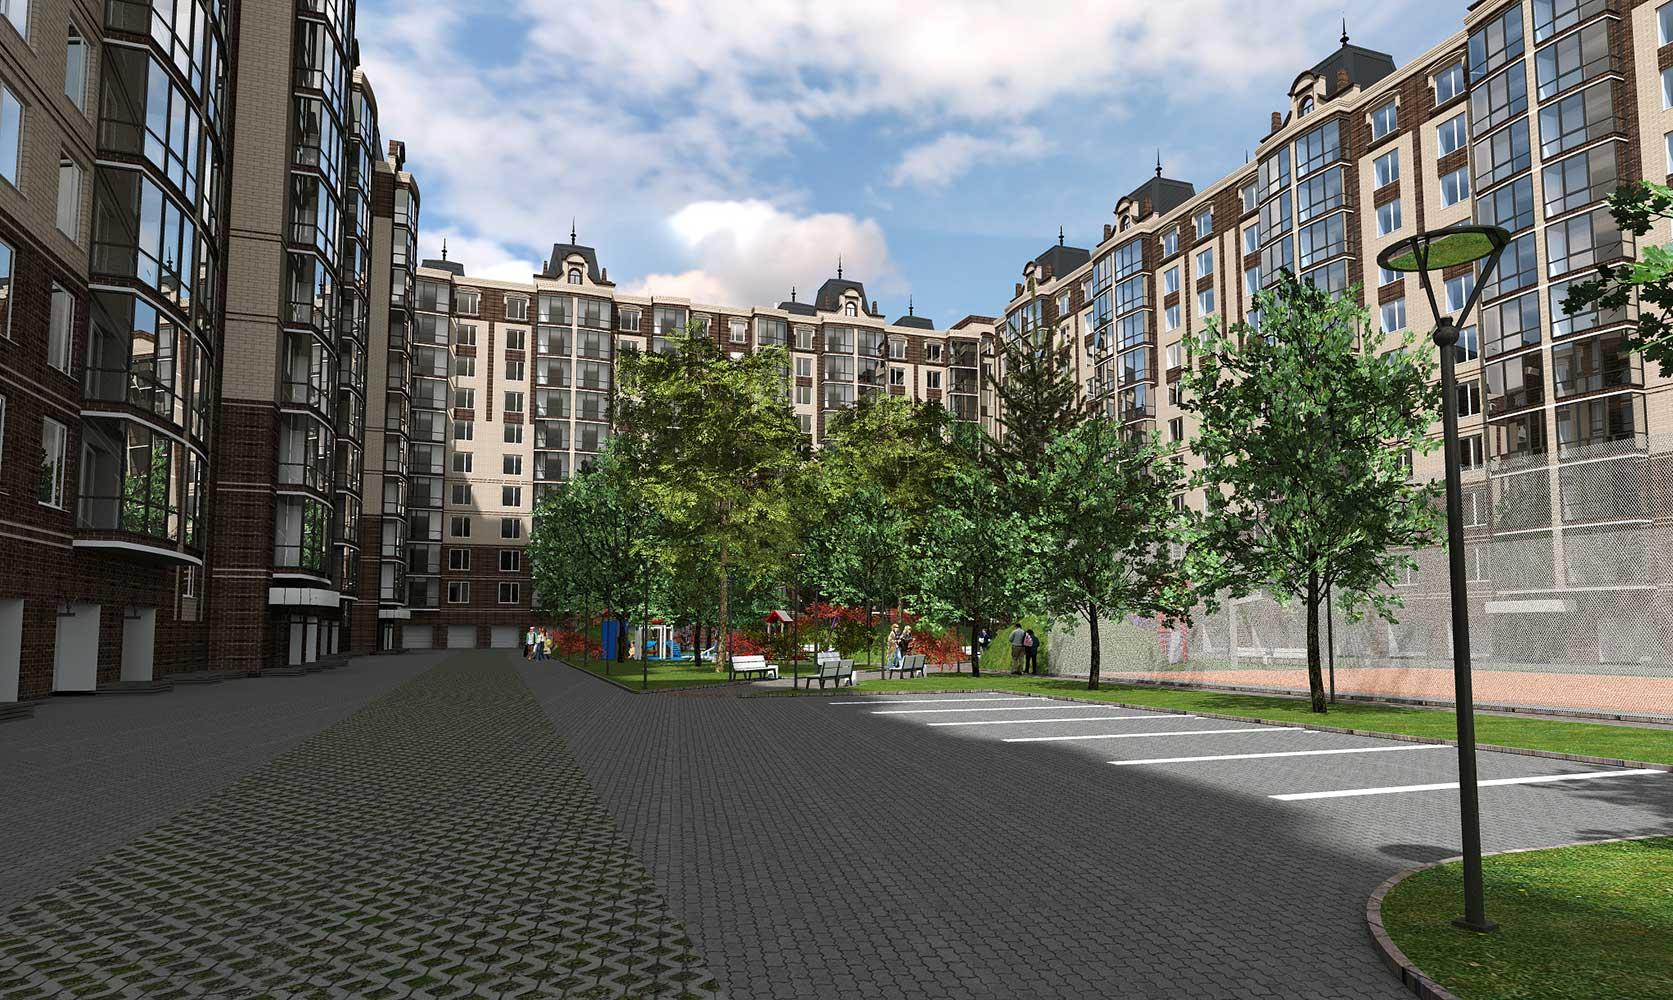 Проектное предложение жилого комплекса в микрорайоне Тяжилов (фото 2)